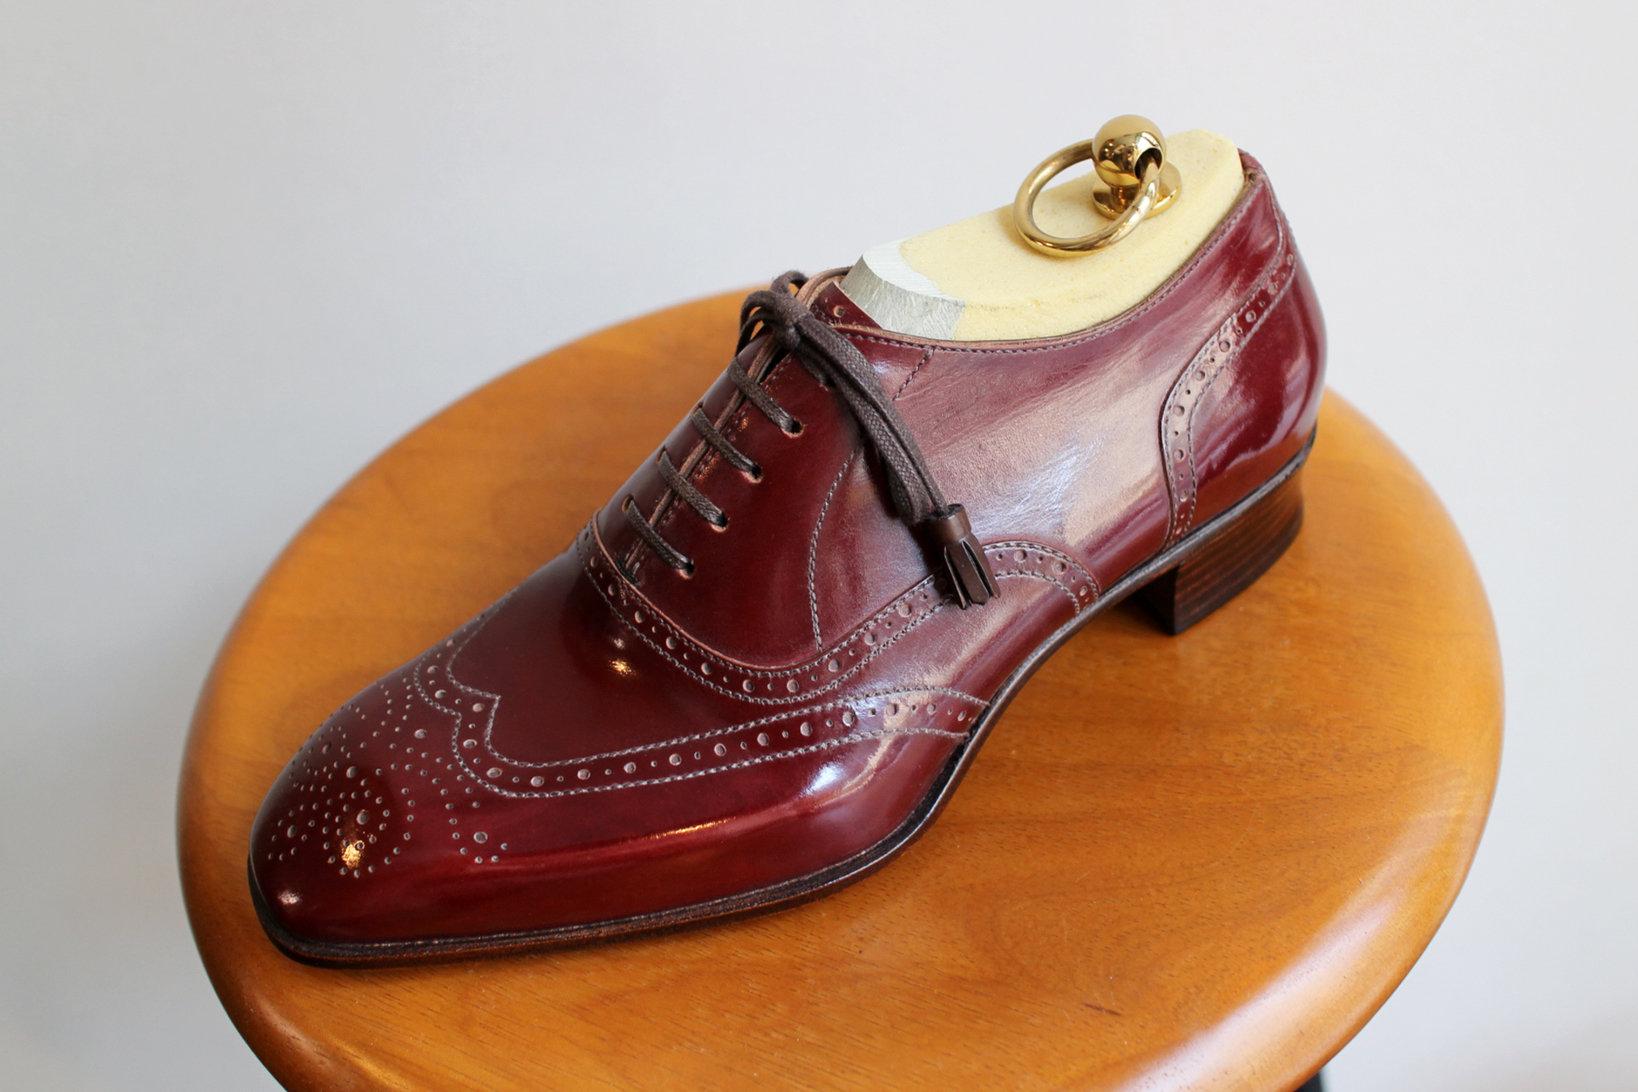 対談の中に出てくる八巻さんの「きっかけ」となった靴